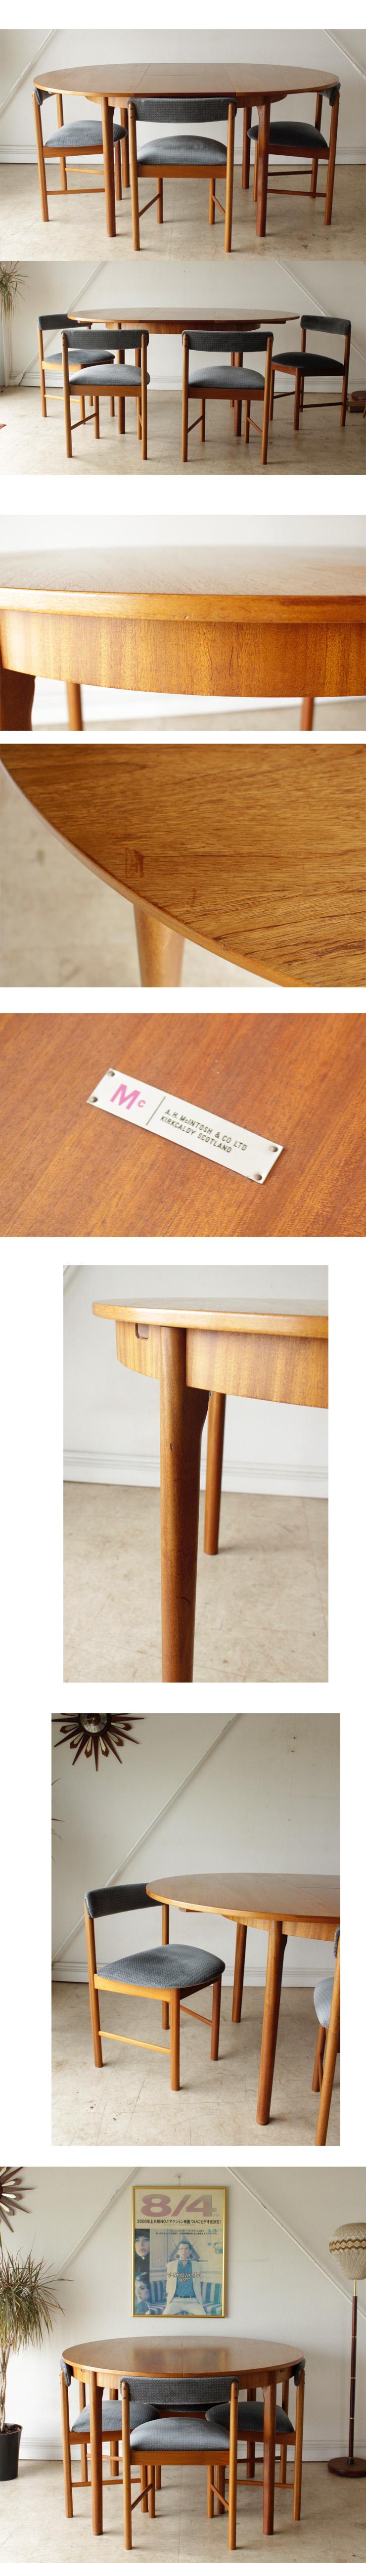 マッキントッシュ・ダイニングテーブル・ダイニングチェア・ダイニングセット・イギリス製・ビンテージ家具・アンティーク・